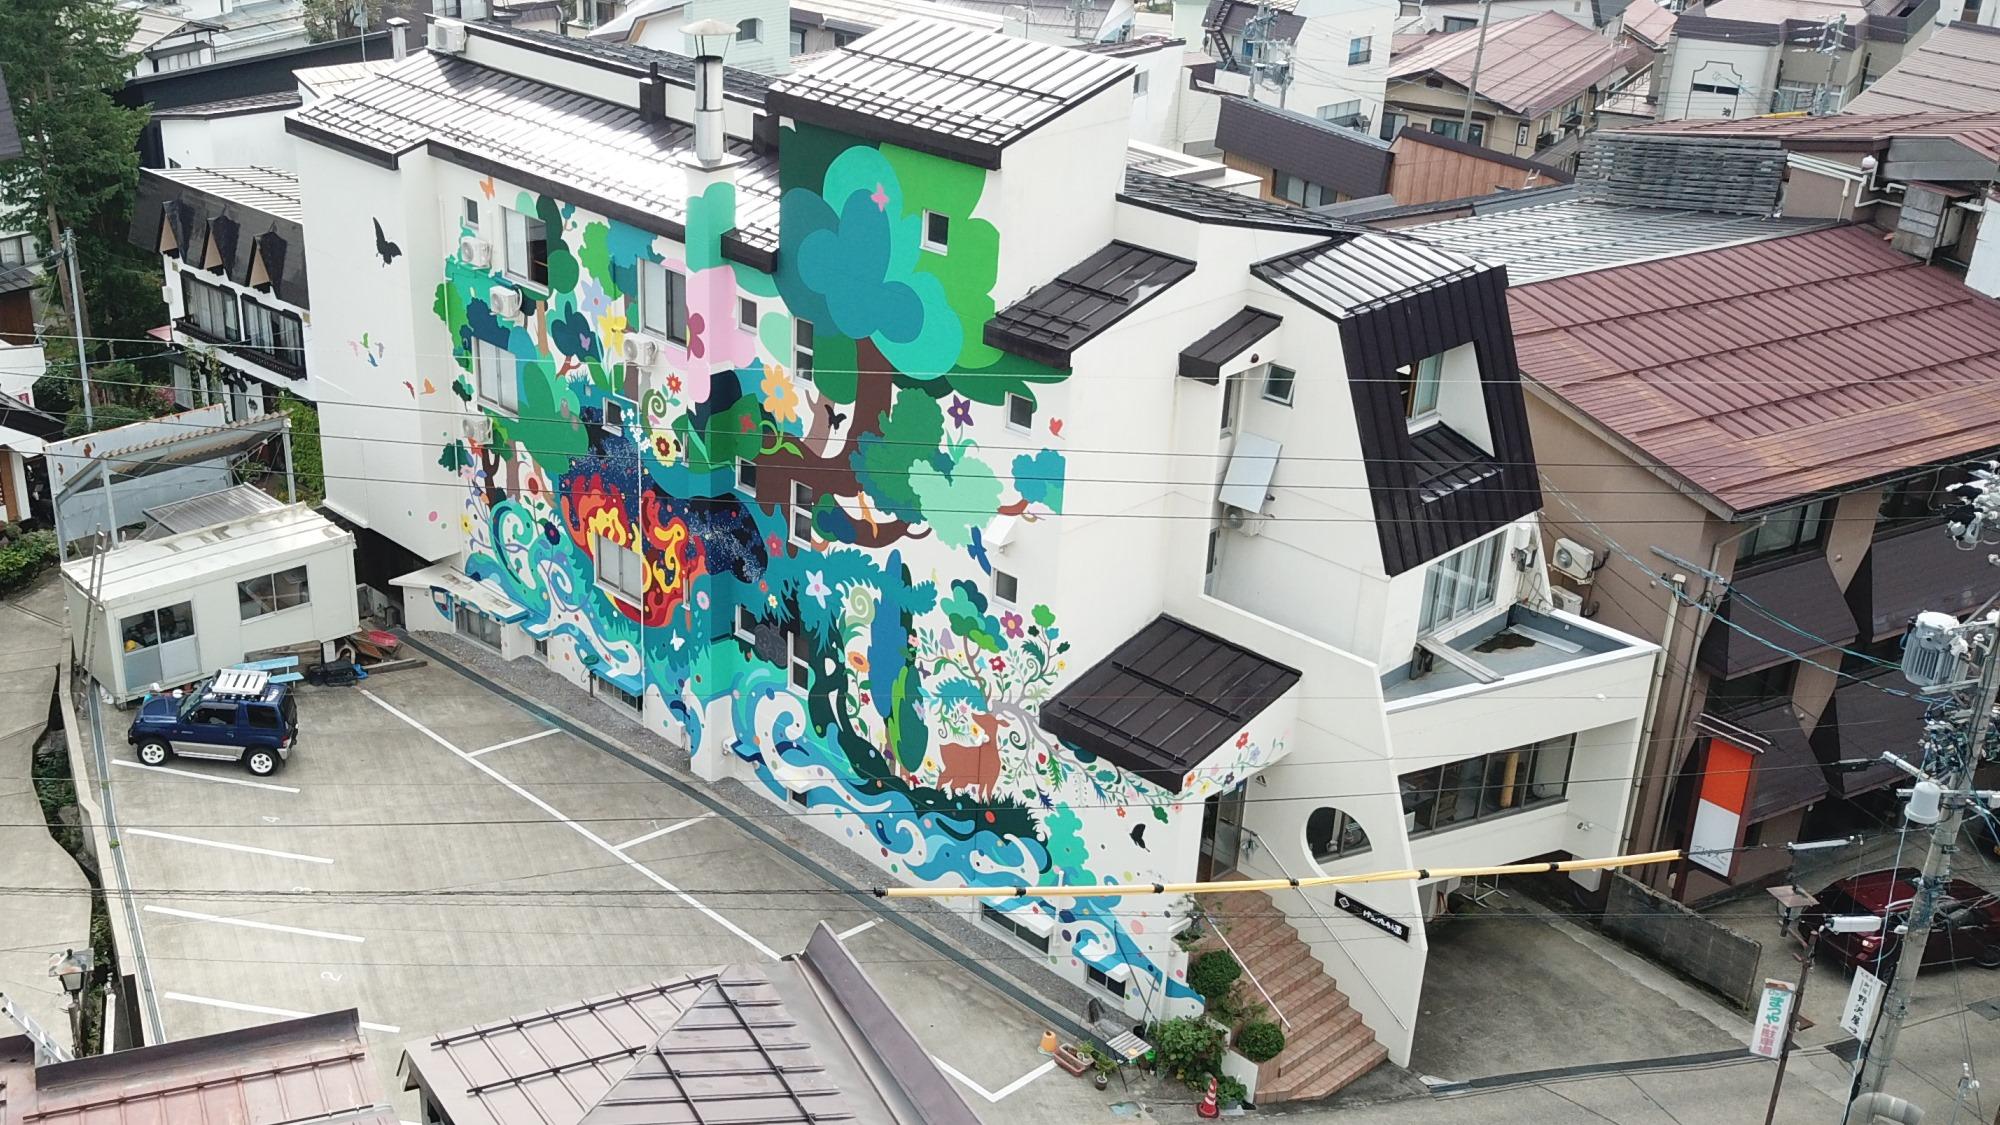 野沢温泉で1泊2日の女子旅におすすめな旅館を教えて!